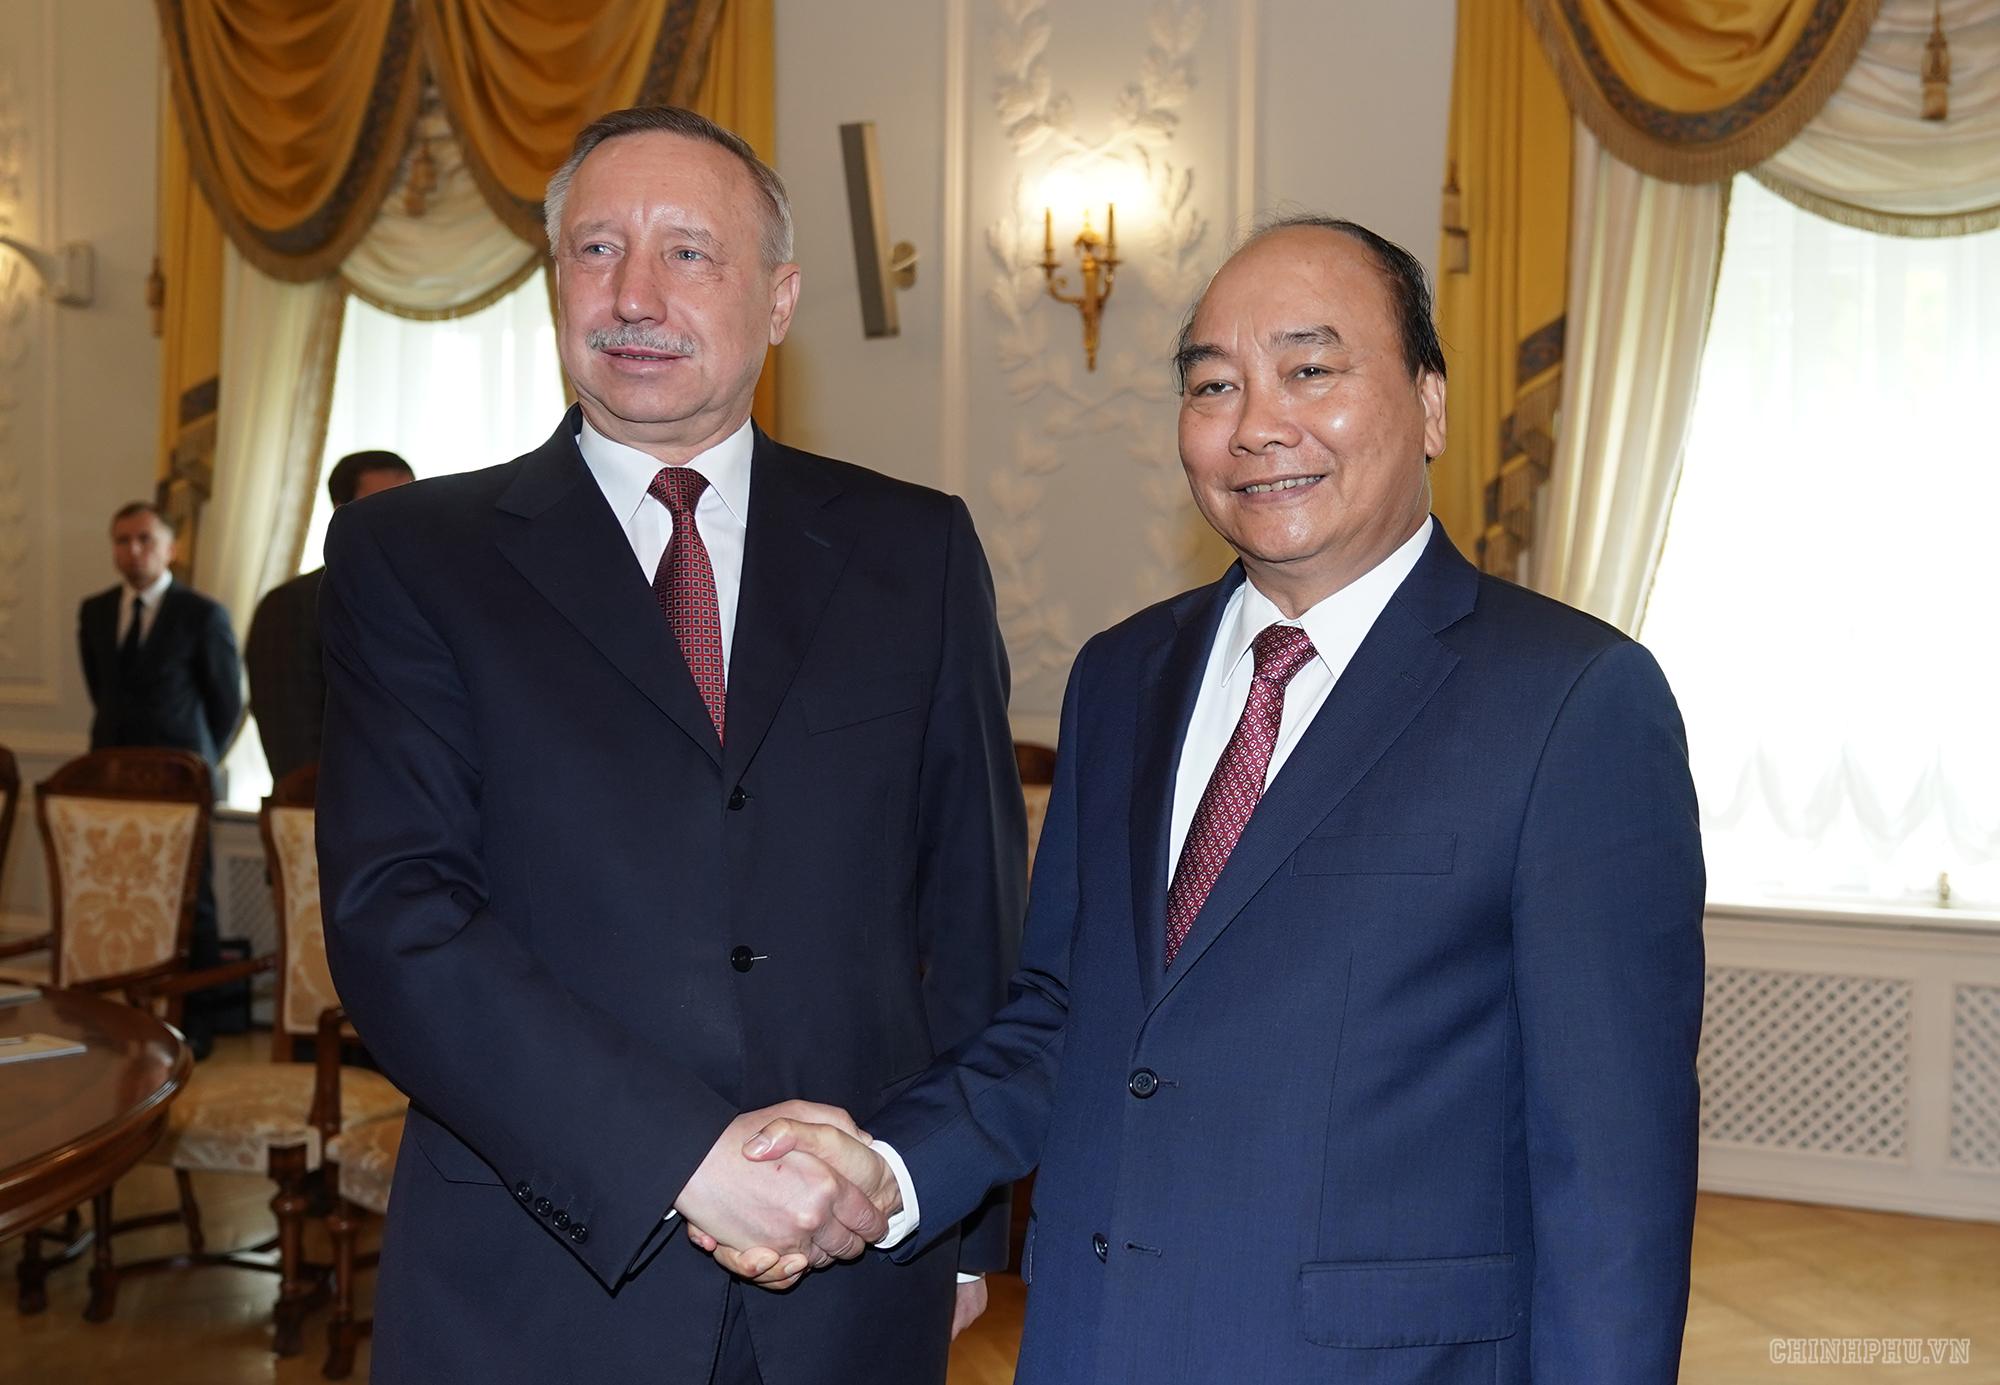 Thủ tướng Nguyễn Xuân Phúc thăm thành phố Saint Peterburg